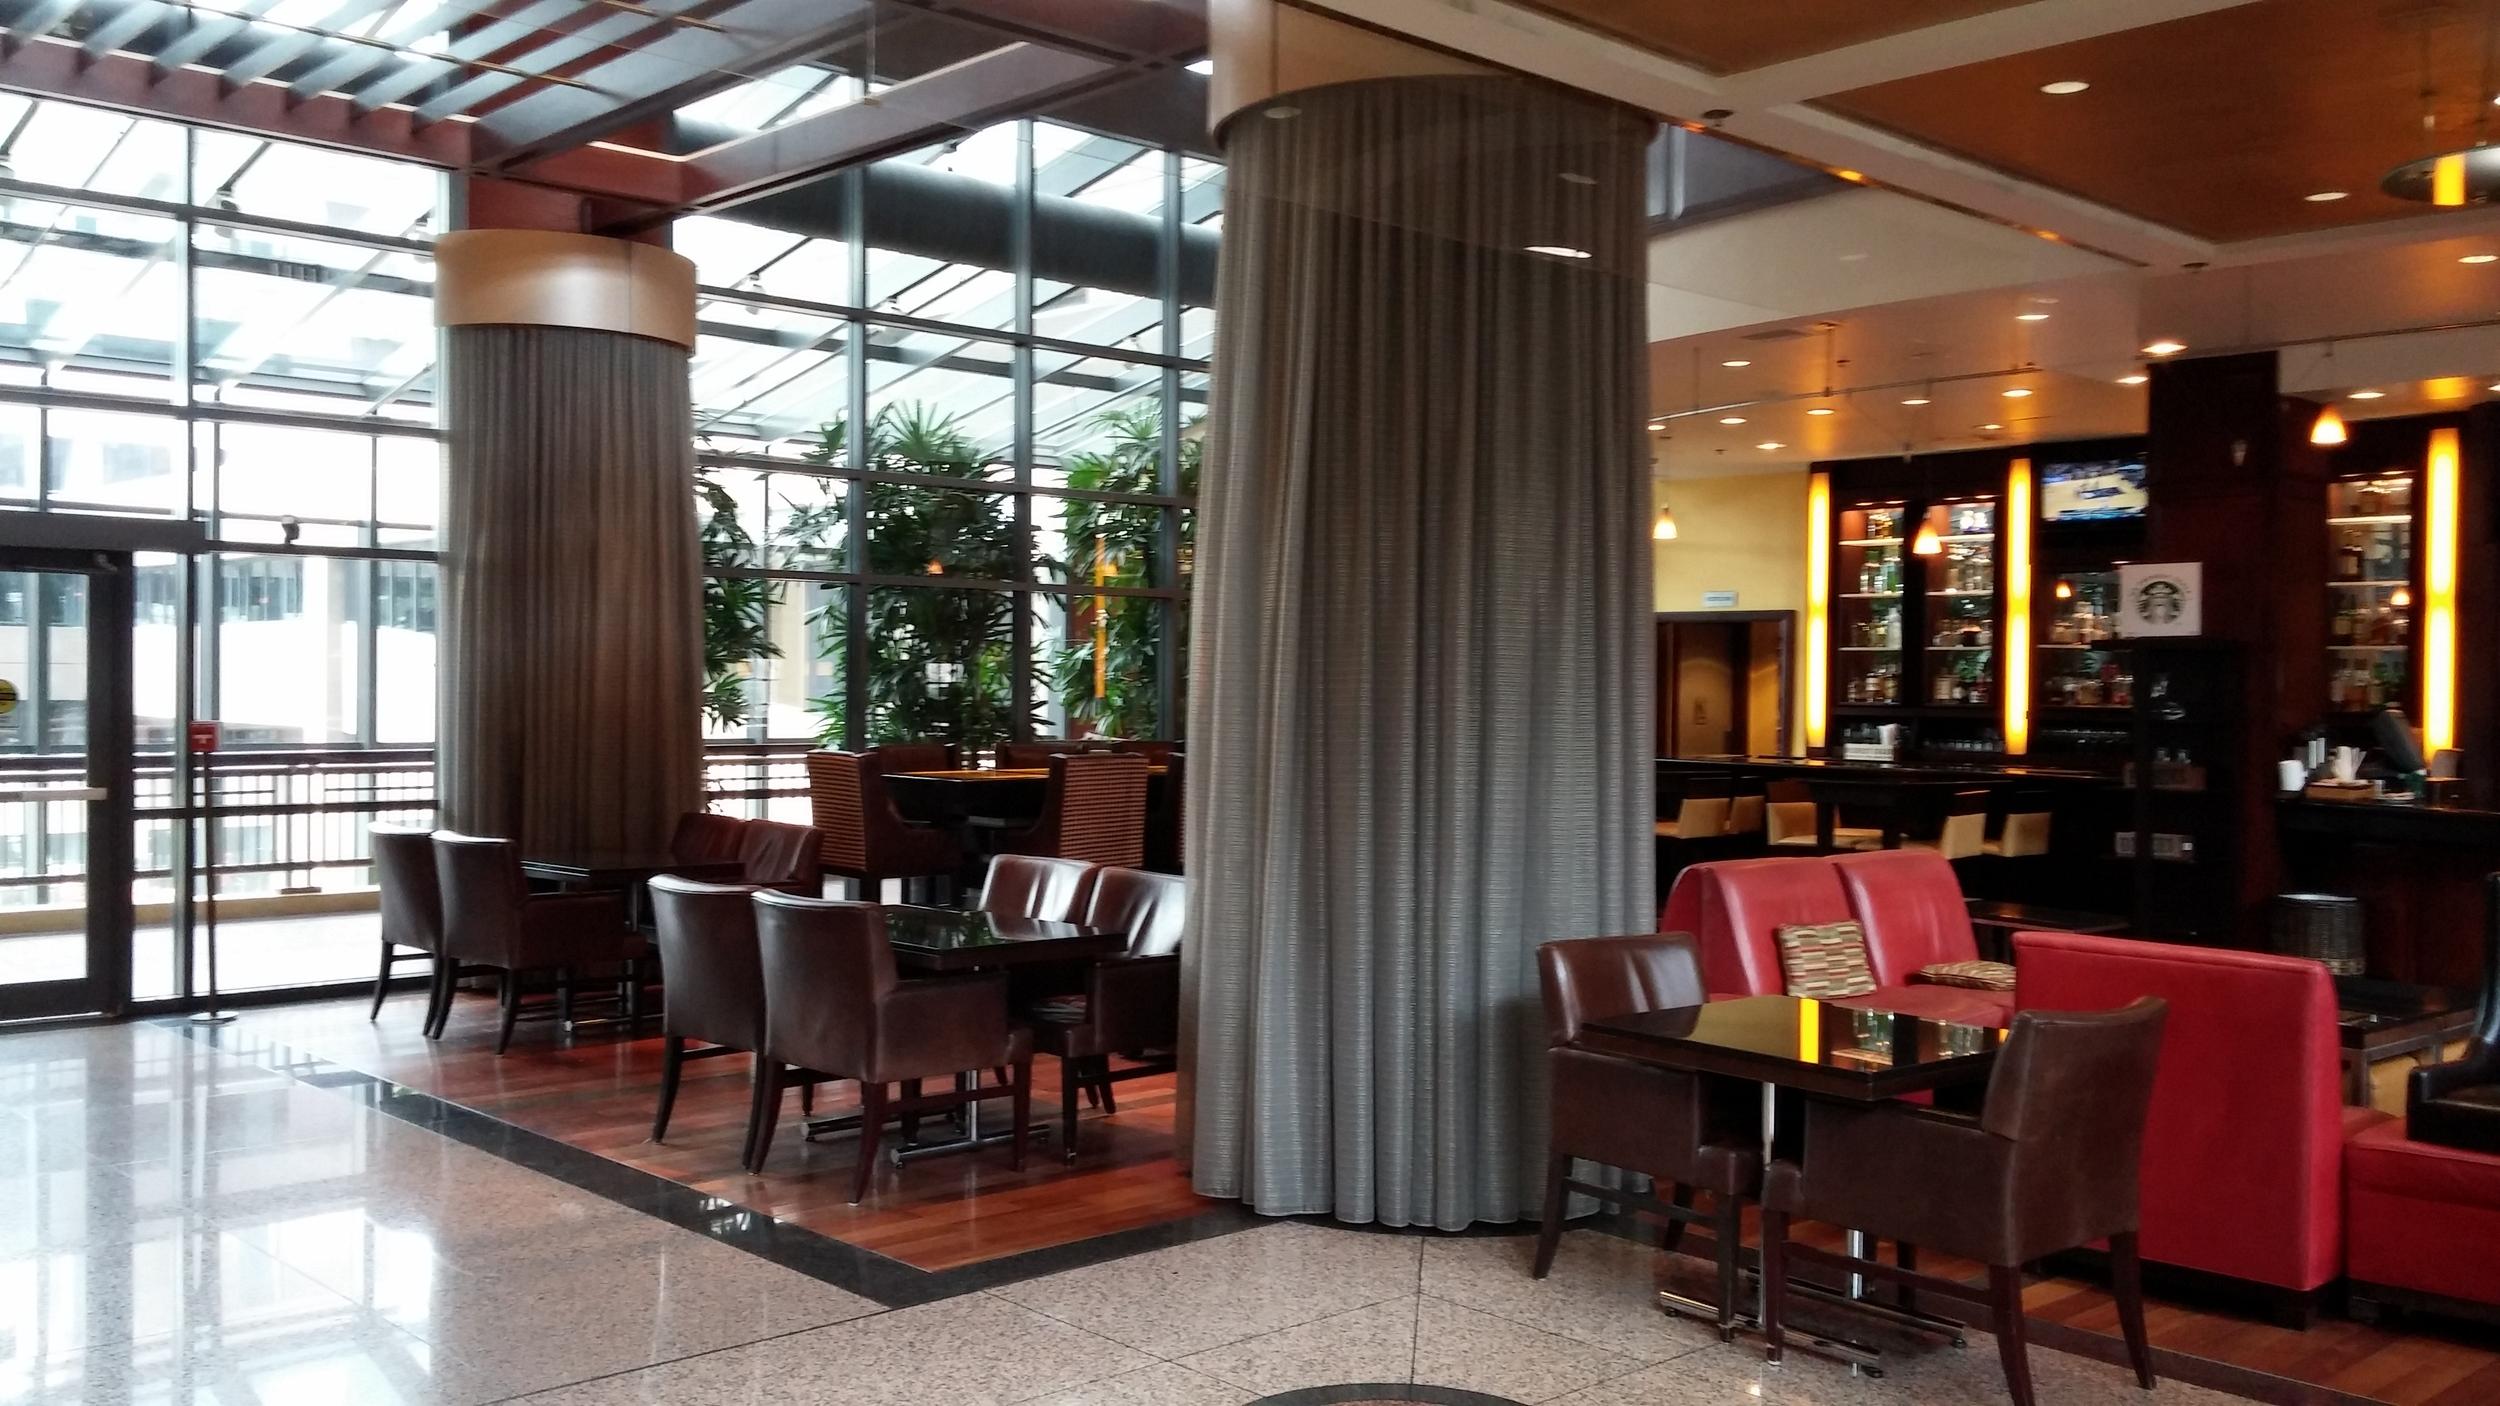 2016-03-10 Bethesda Marriott Suites  13.jpg